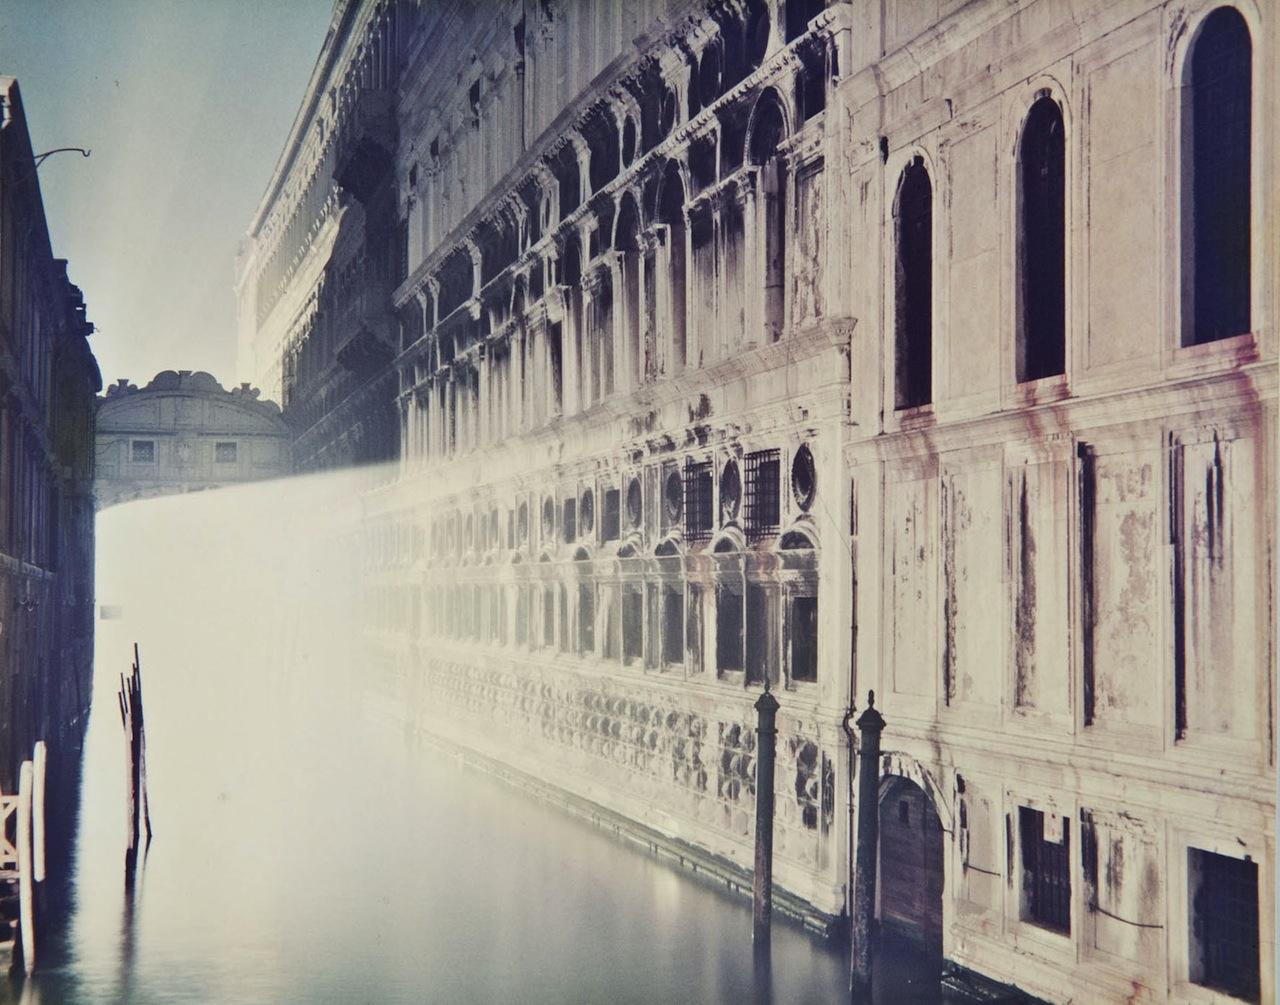 Luigi Ghirri_Venezia, 1987_Courtesy Fototeca Biblioteca Panizzi, Reggio Emilia©Eredi Ghirri